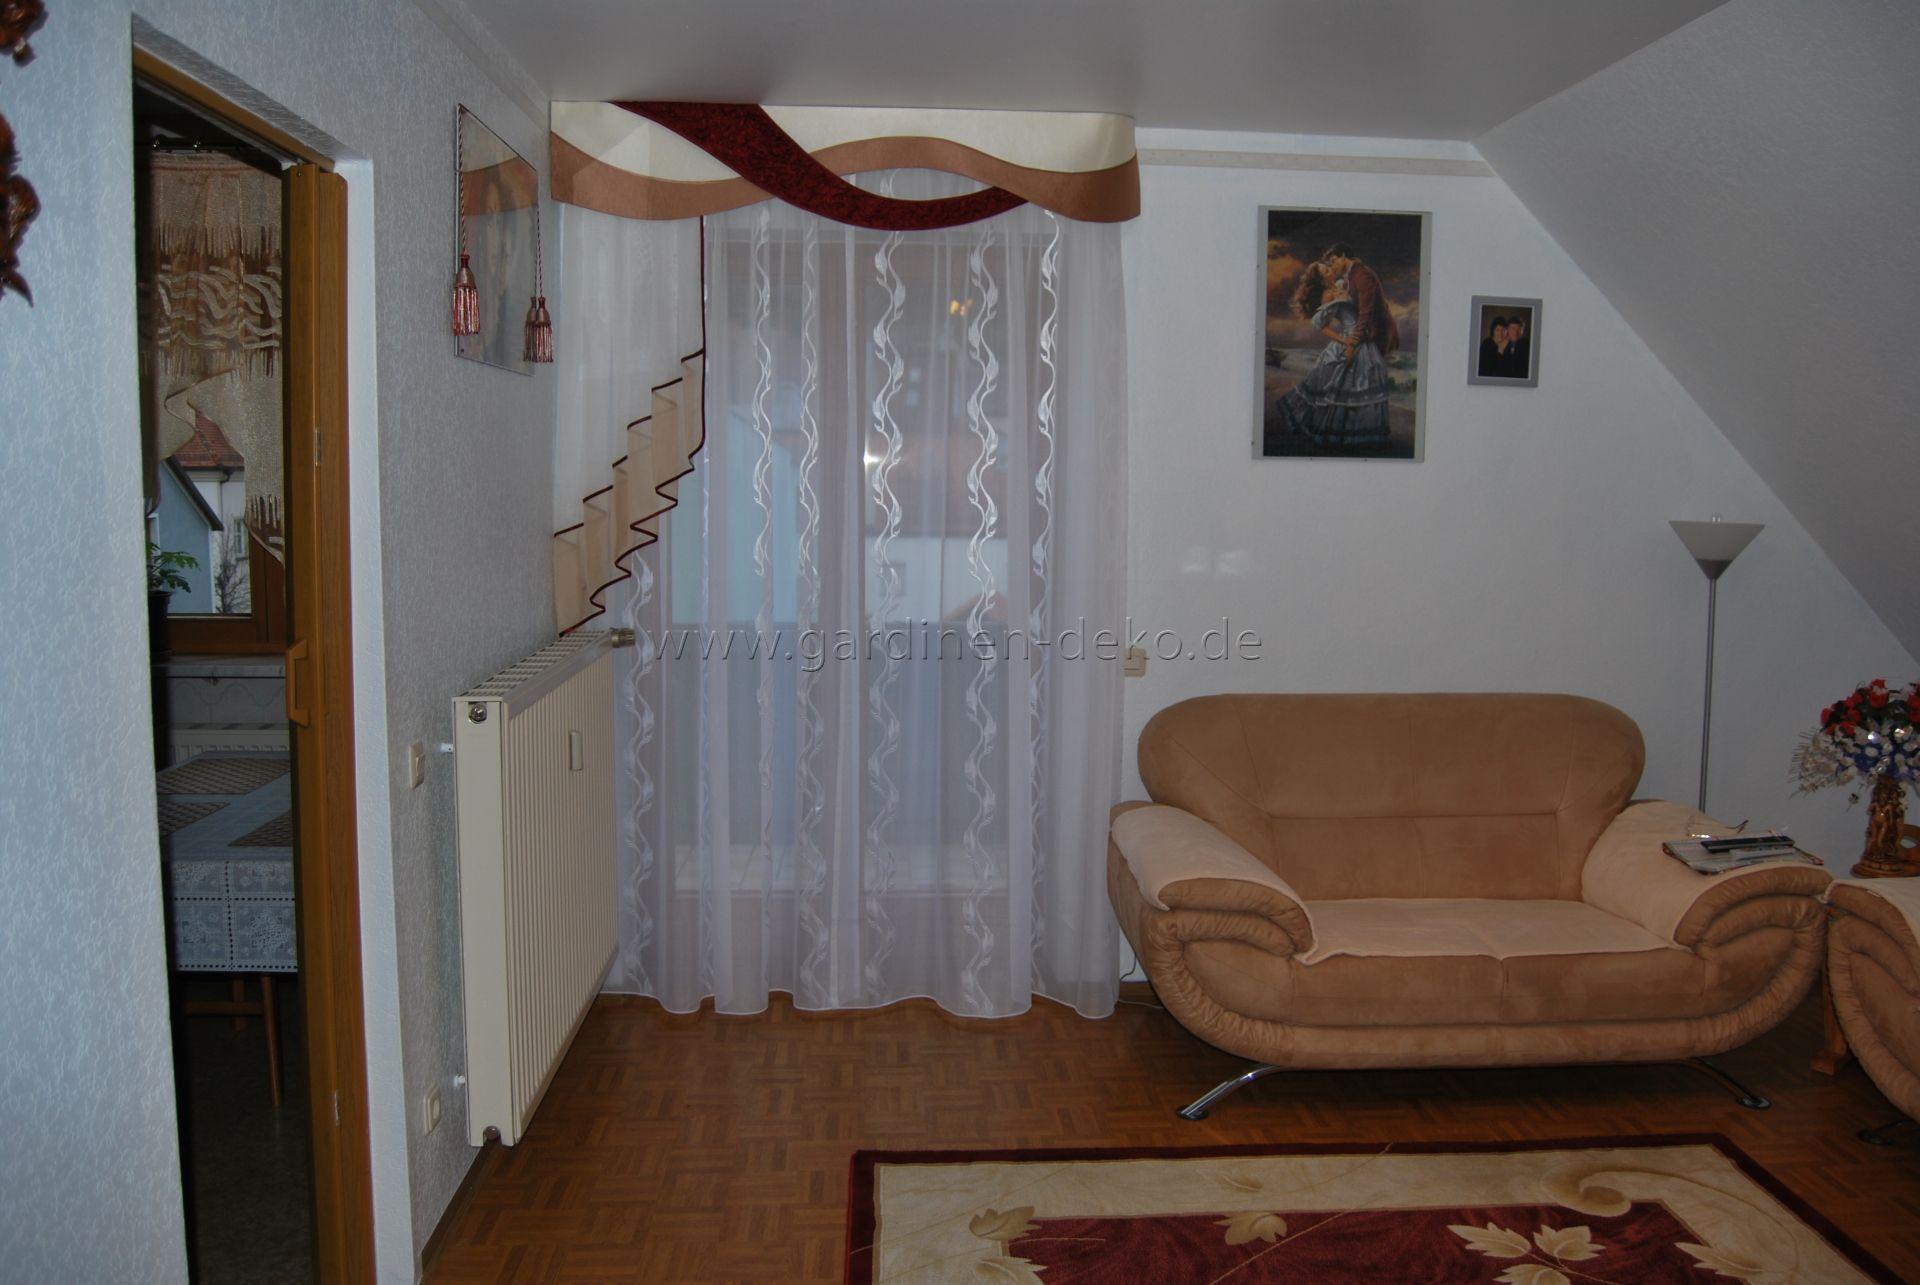 Klassischer Wohnzimmer Vorhang Mit Stufen Halbschal Und